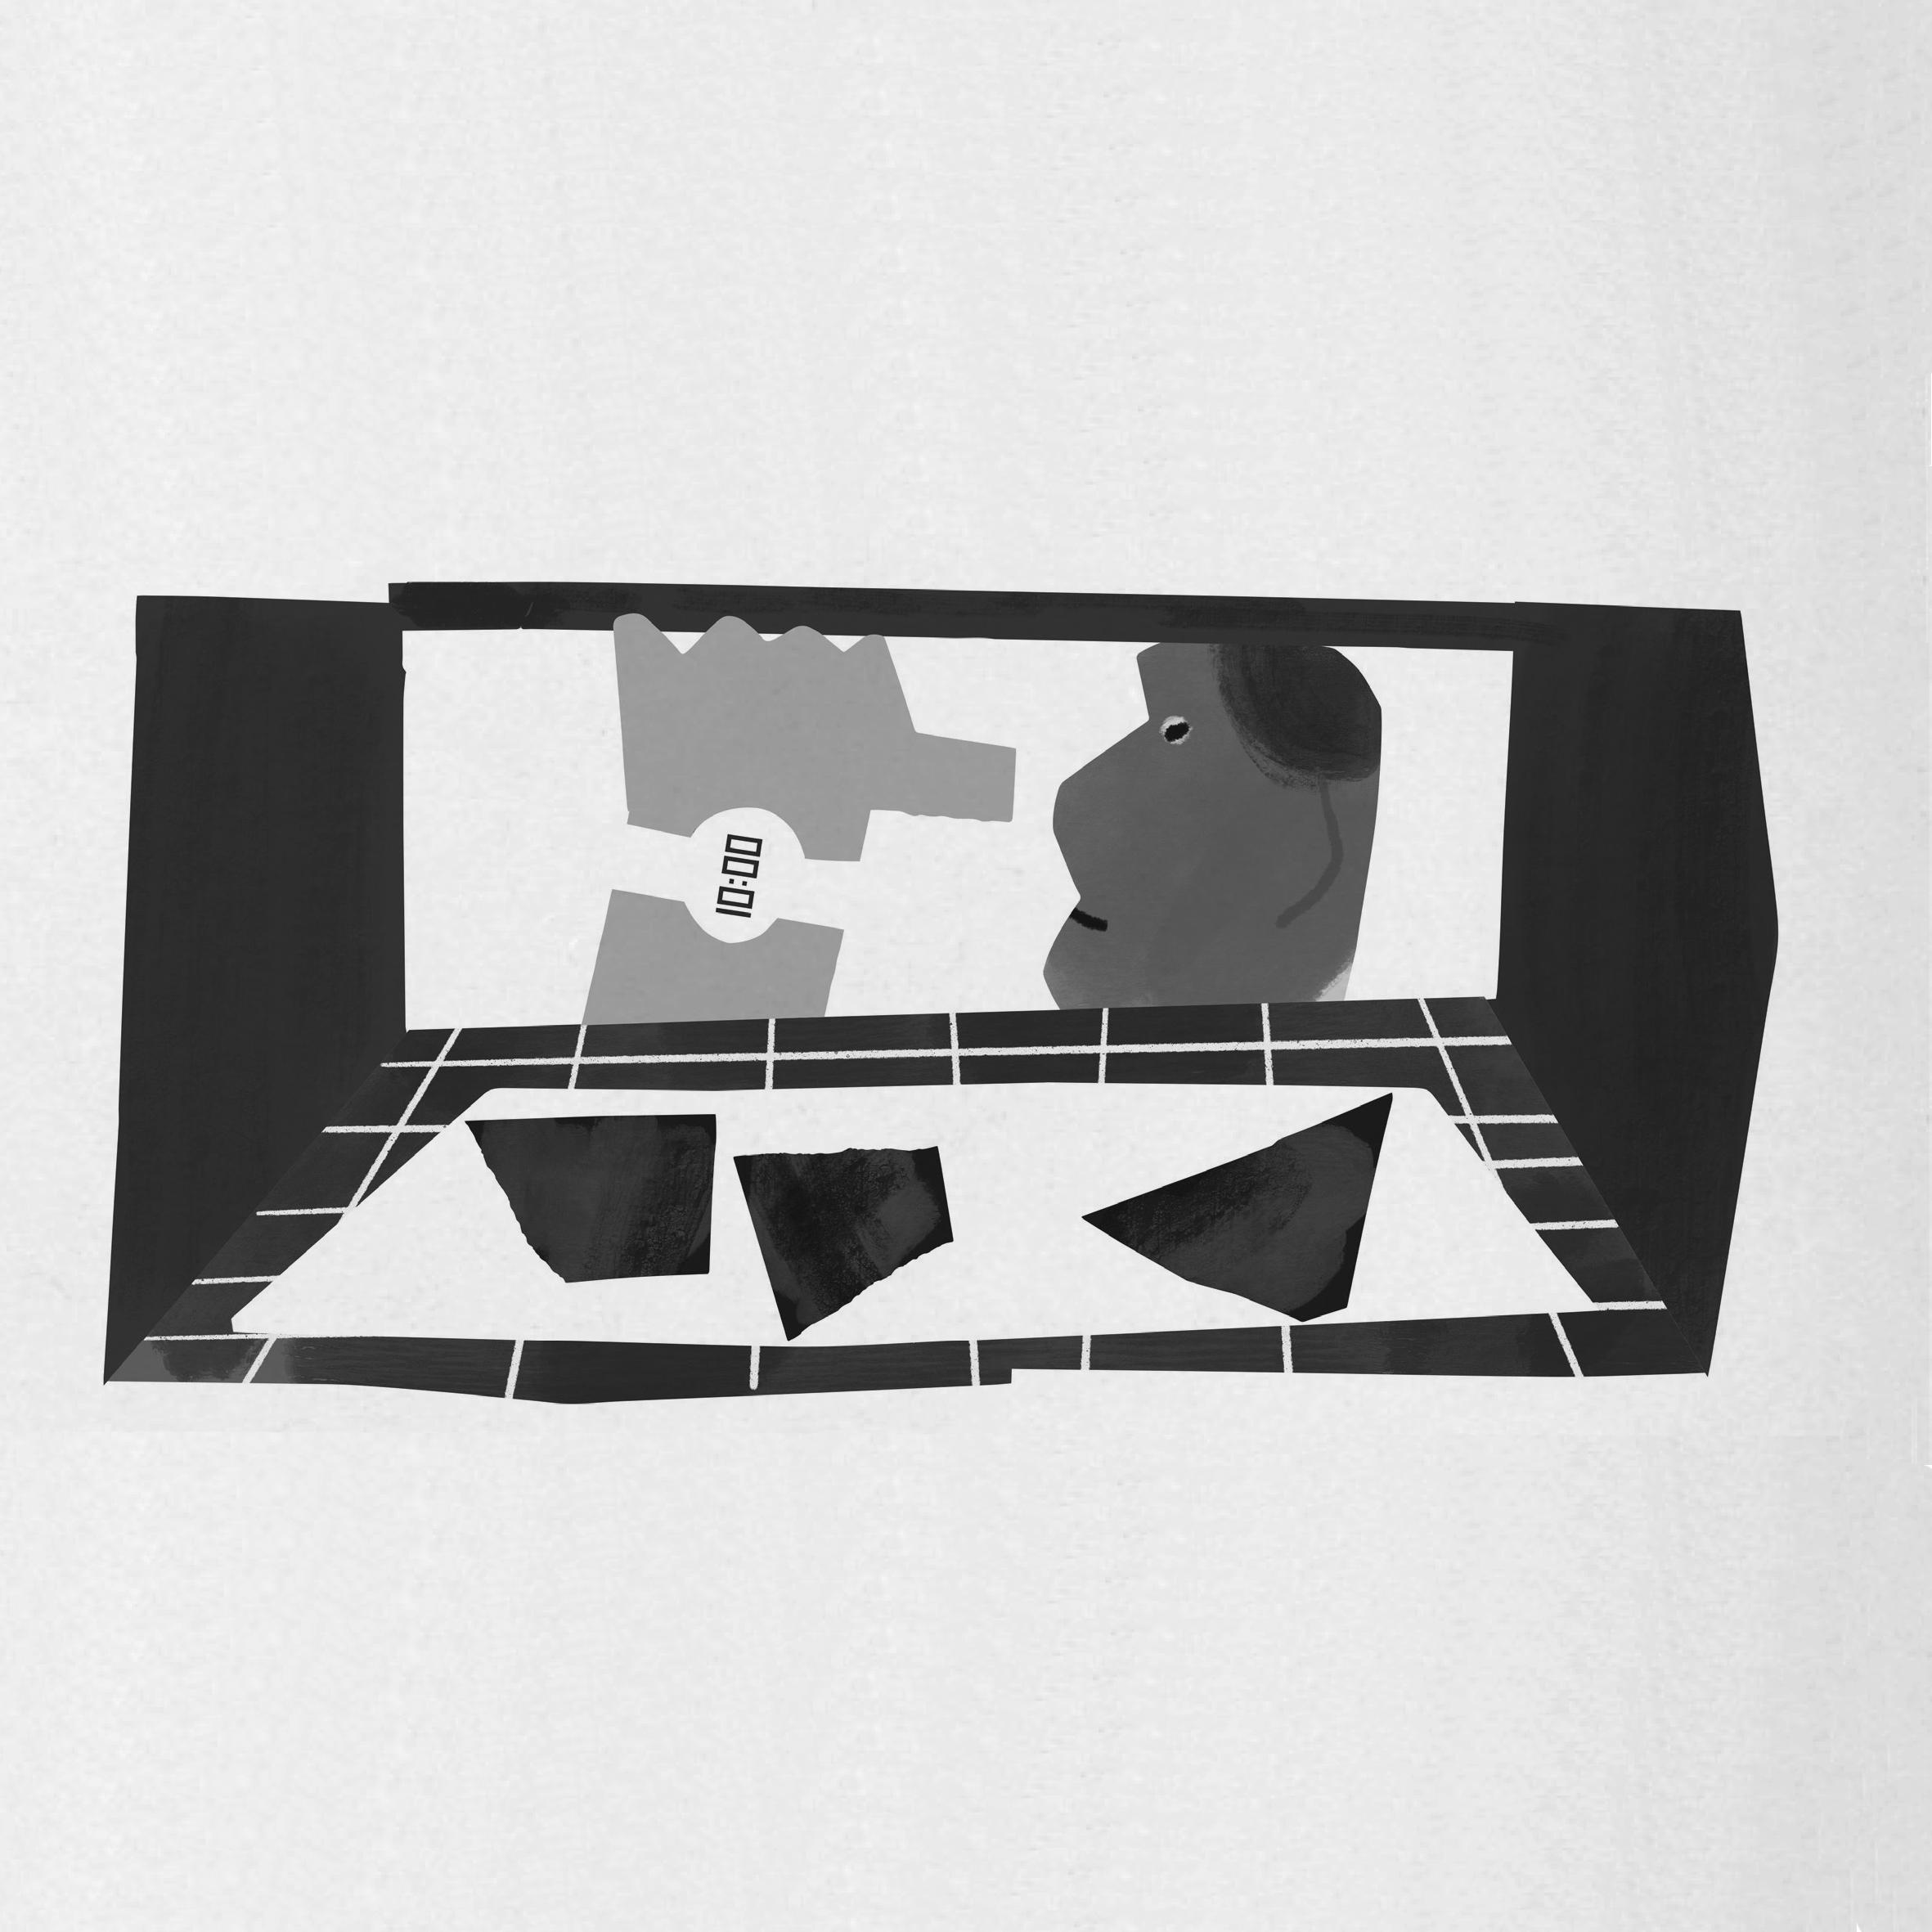 Spot Illustrations